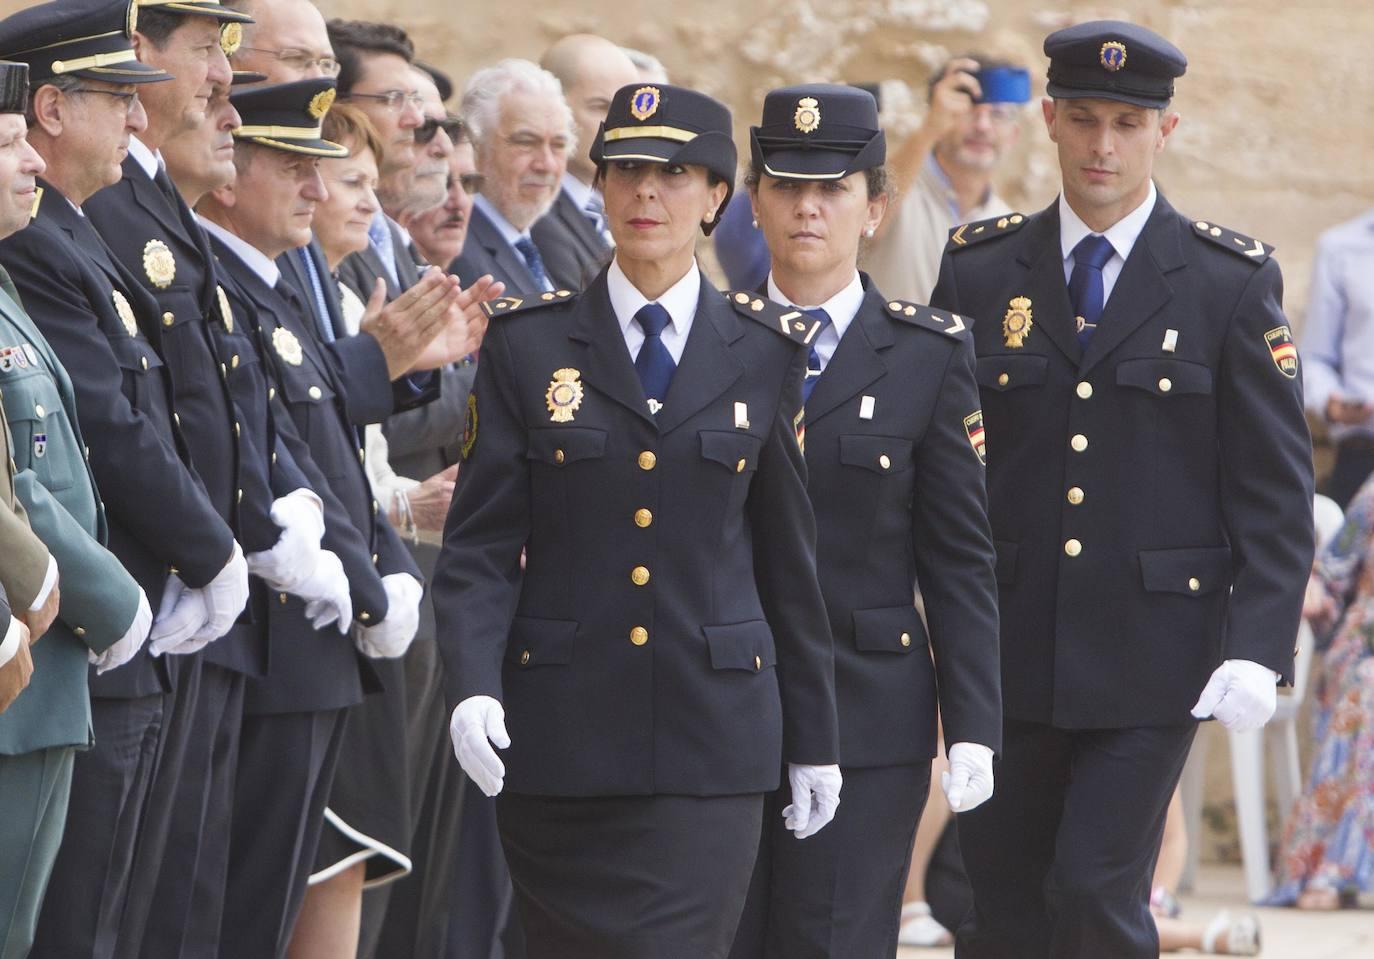 Día de la Policía Autonómica de la Generalitat Valenciana 2019